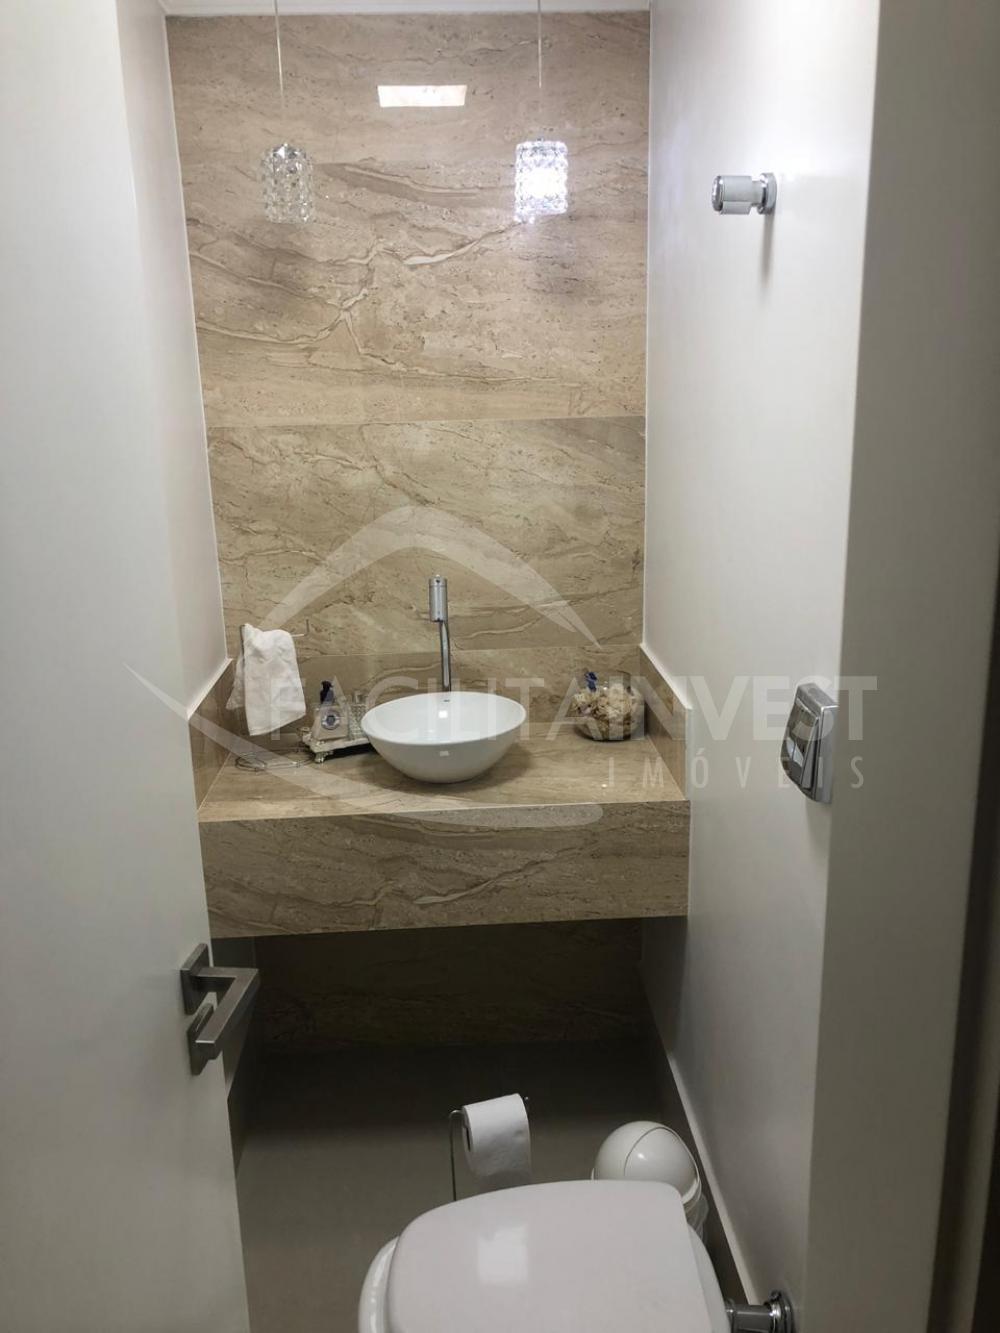 Comprar Apartamentos / Apart. Padrão em Ribeirão Preto apenas R$ 590.000,00 - Foto 5